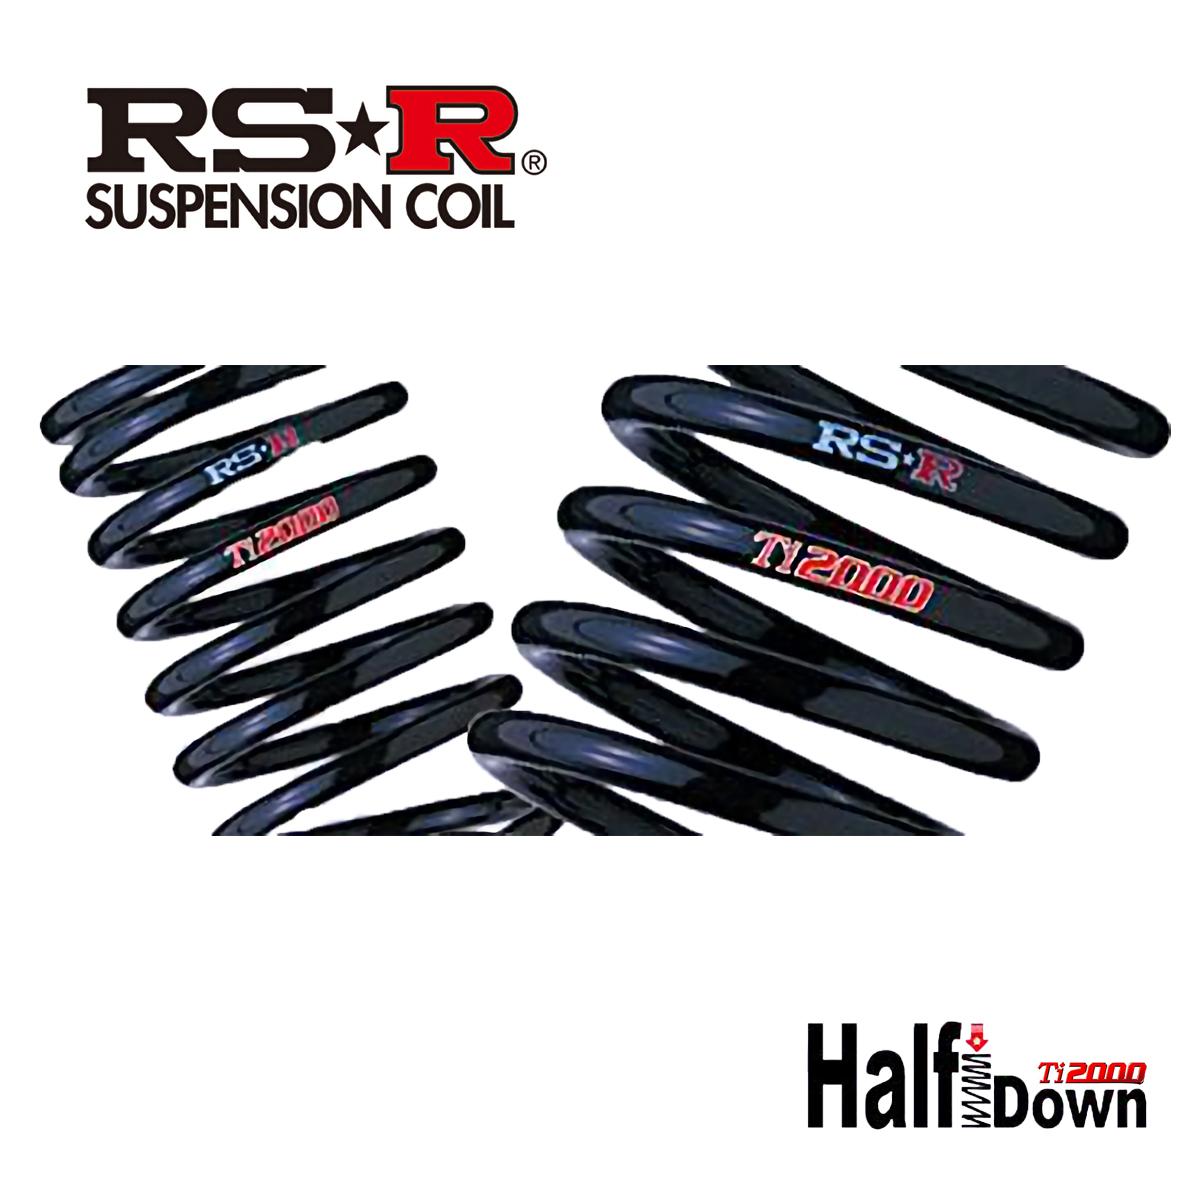 RS-R シエンタ ハイブリッドG NHP170G ダウンサス T895THDR Ti2000 ハーフダウン RSR 個人宅発送追金有